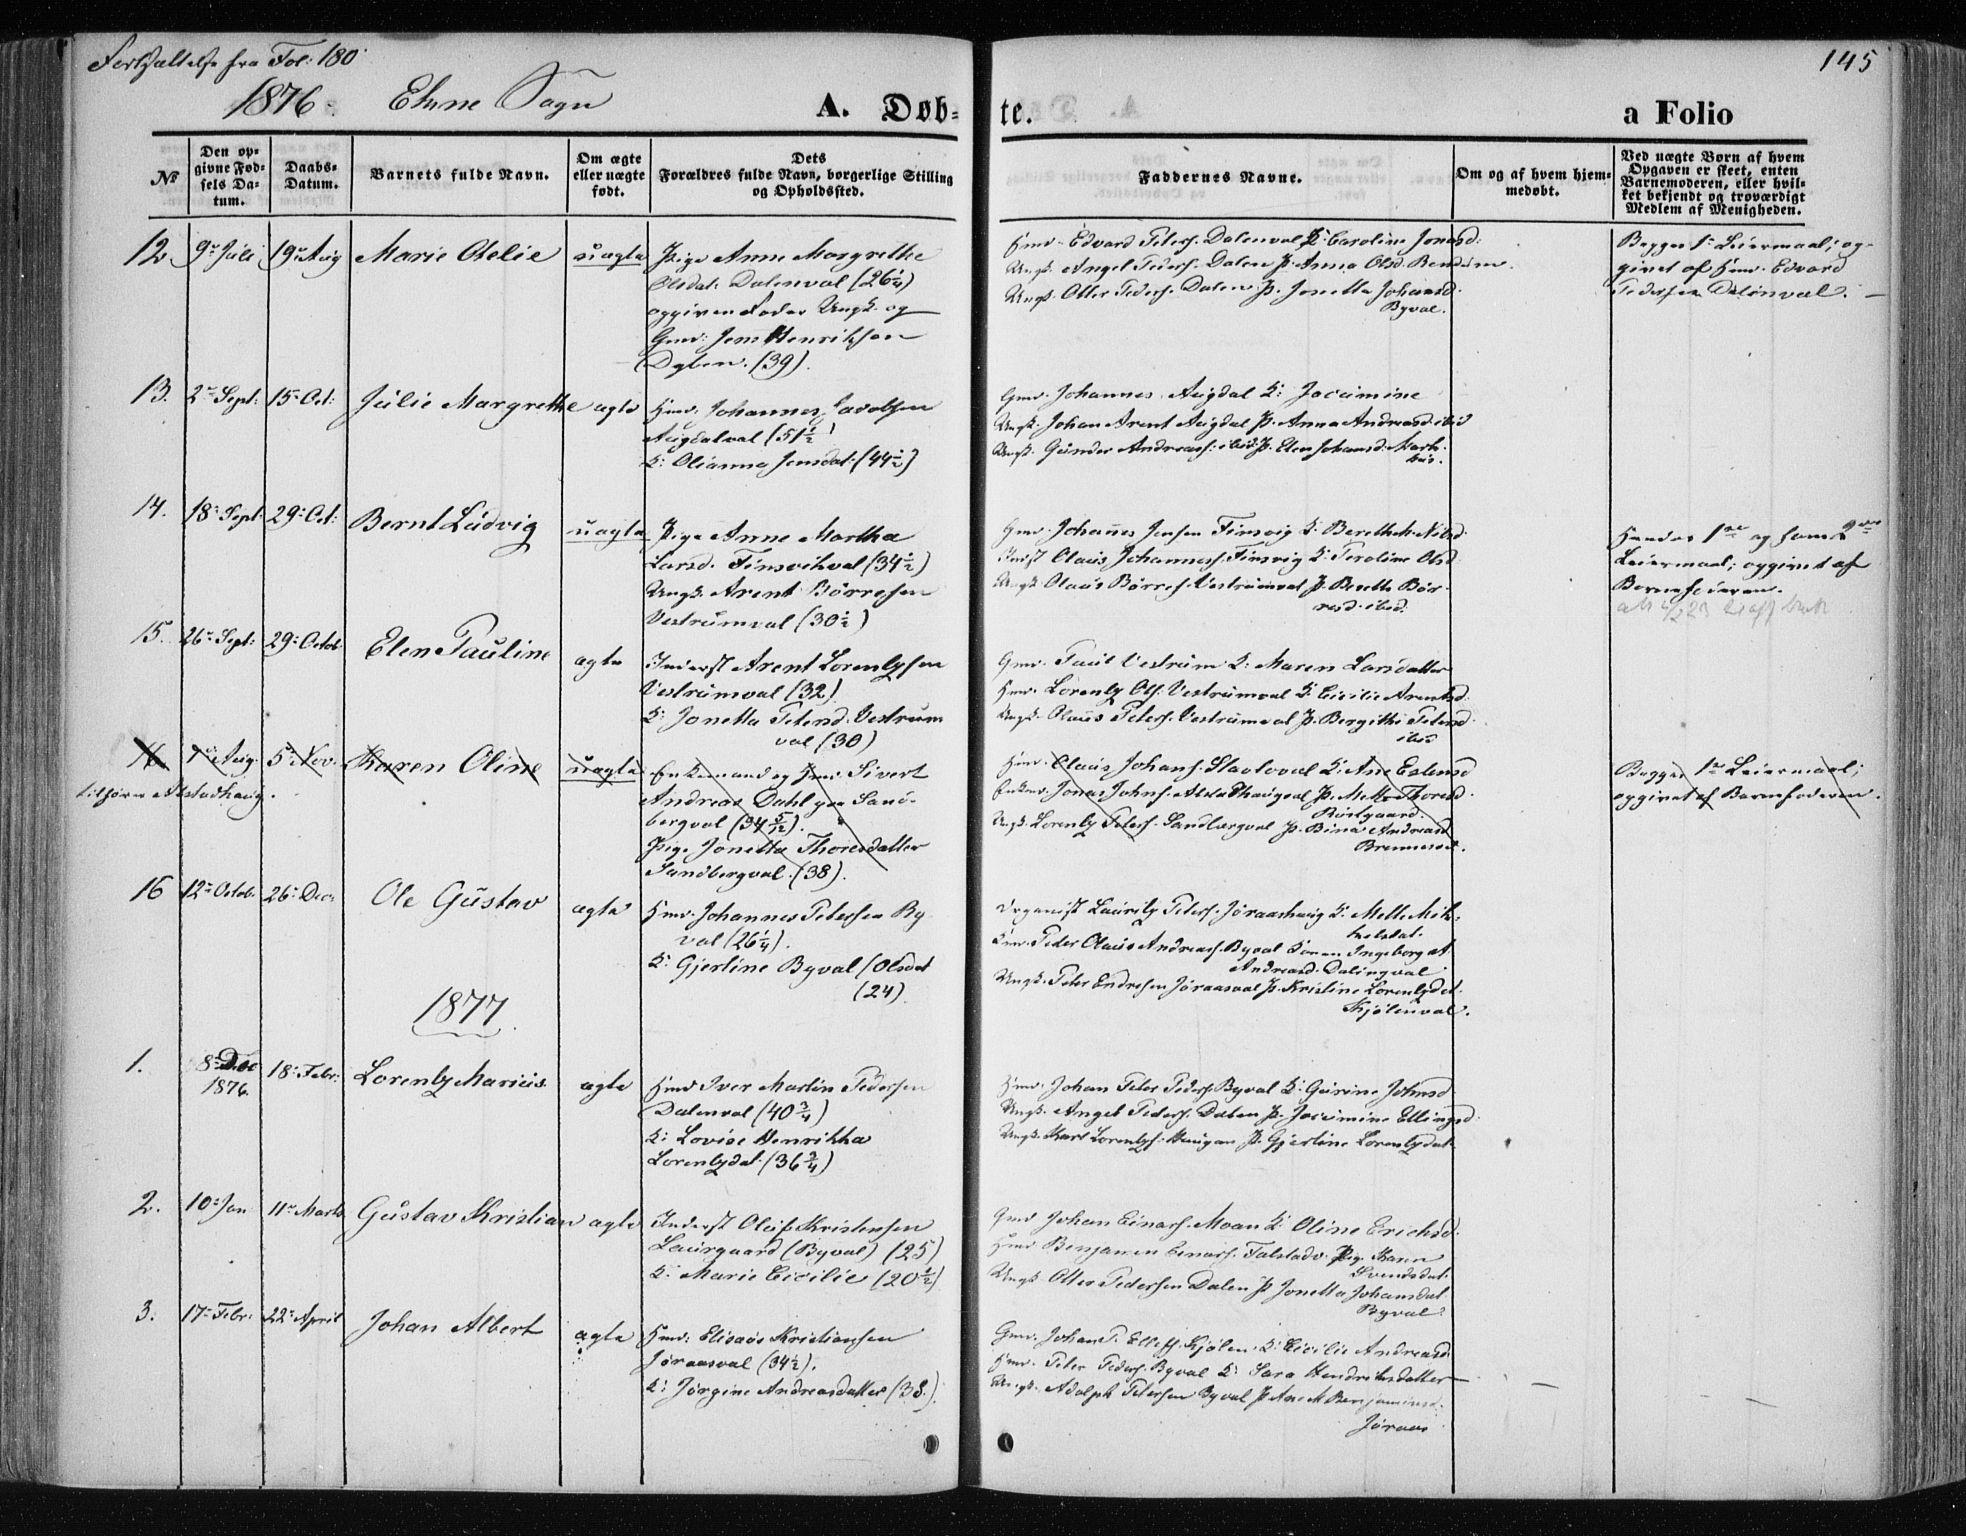 SAT, Ministerialprotokoller, klokkerbøker og fødselsregistre - Nord-Trøndelag, 717/L0158: Ministerialbok nr. 717A08 /2, 1863-1877, s. 145